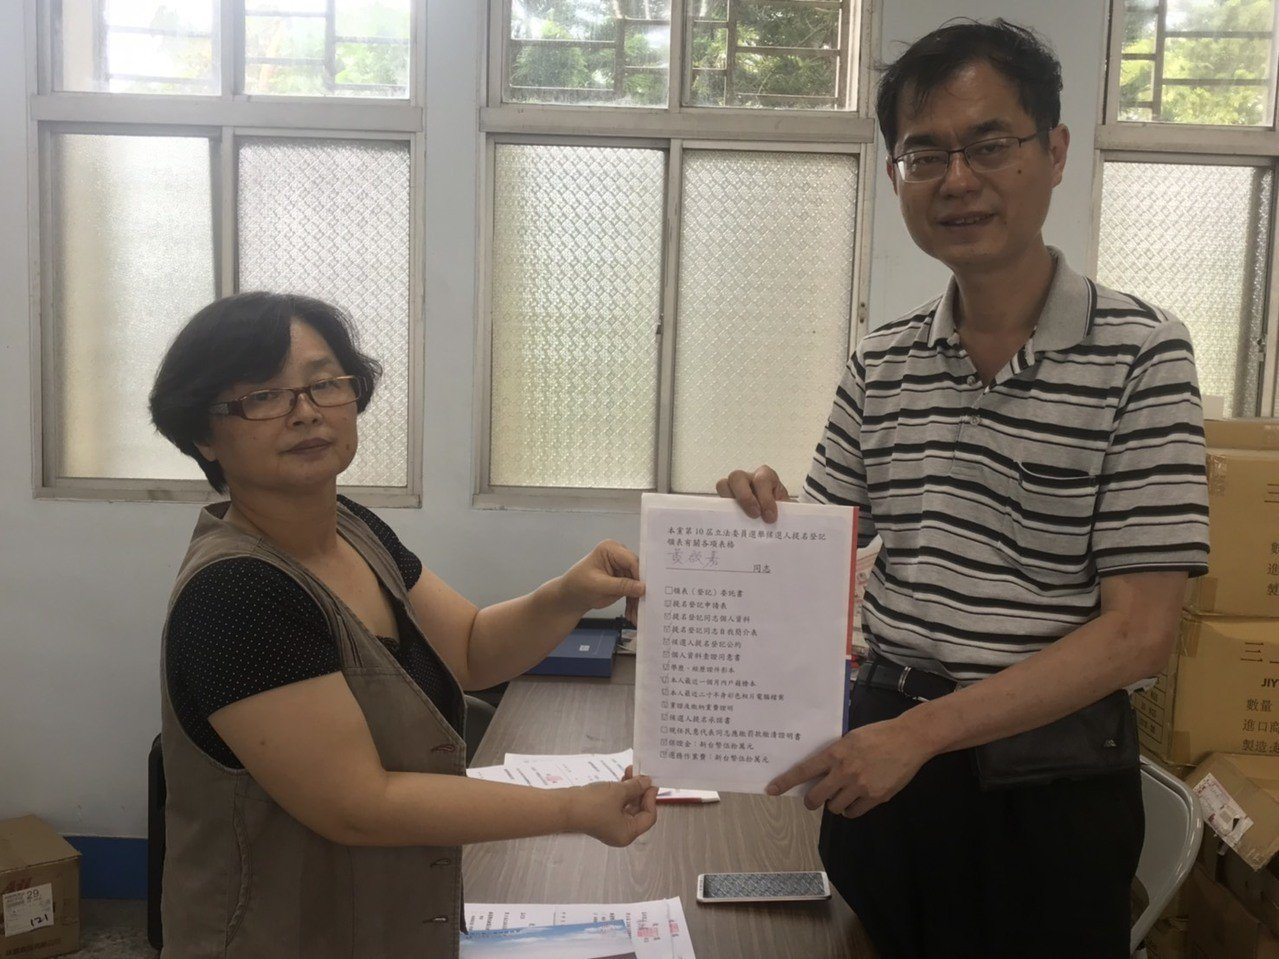 醫師黃啟嘉(右)對於國民黨內立委初選,表示會尊重遊戲規則,公平公正公開的競爭都接...